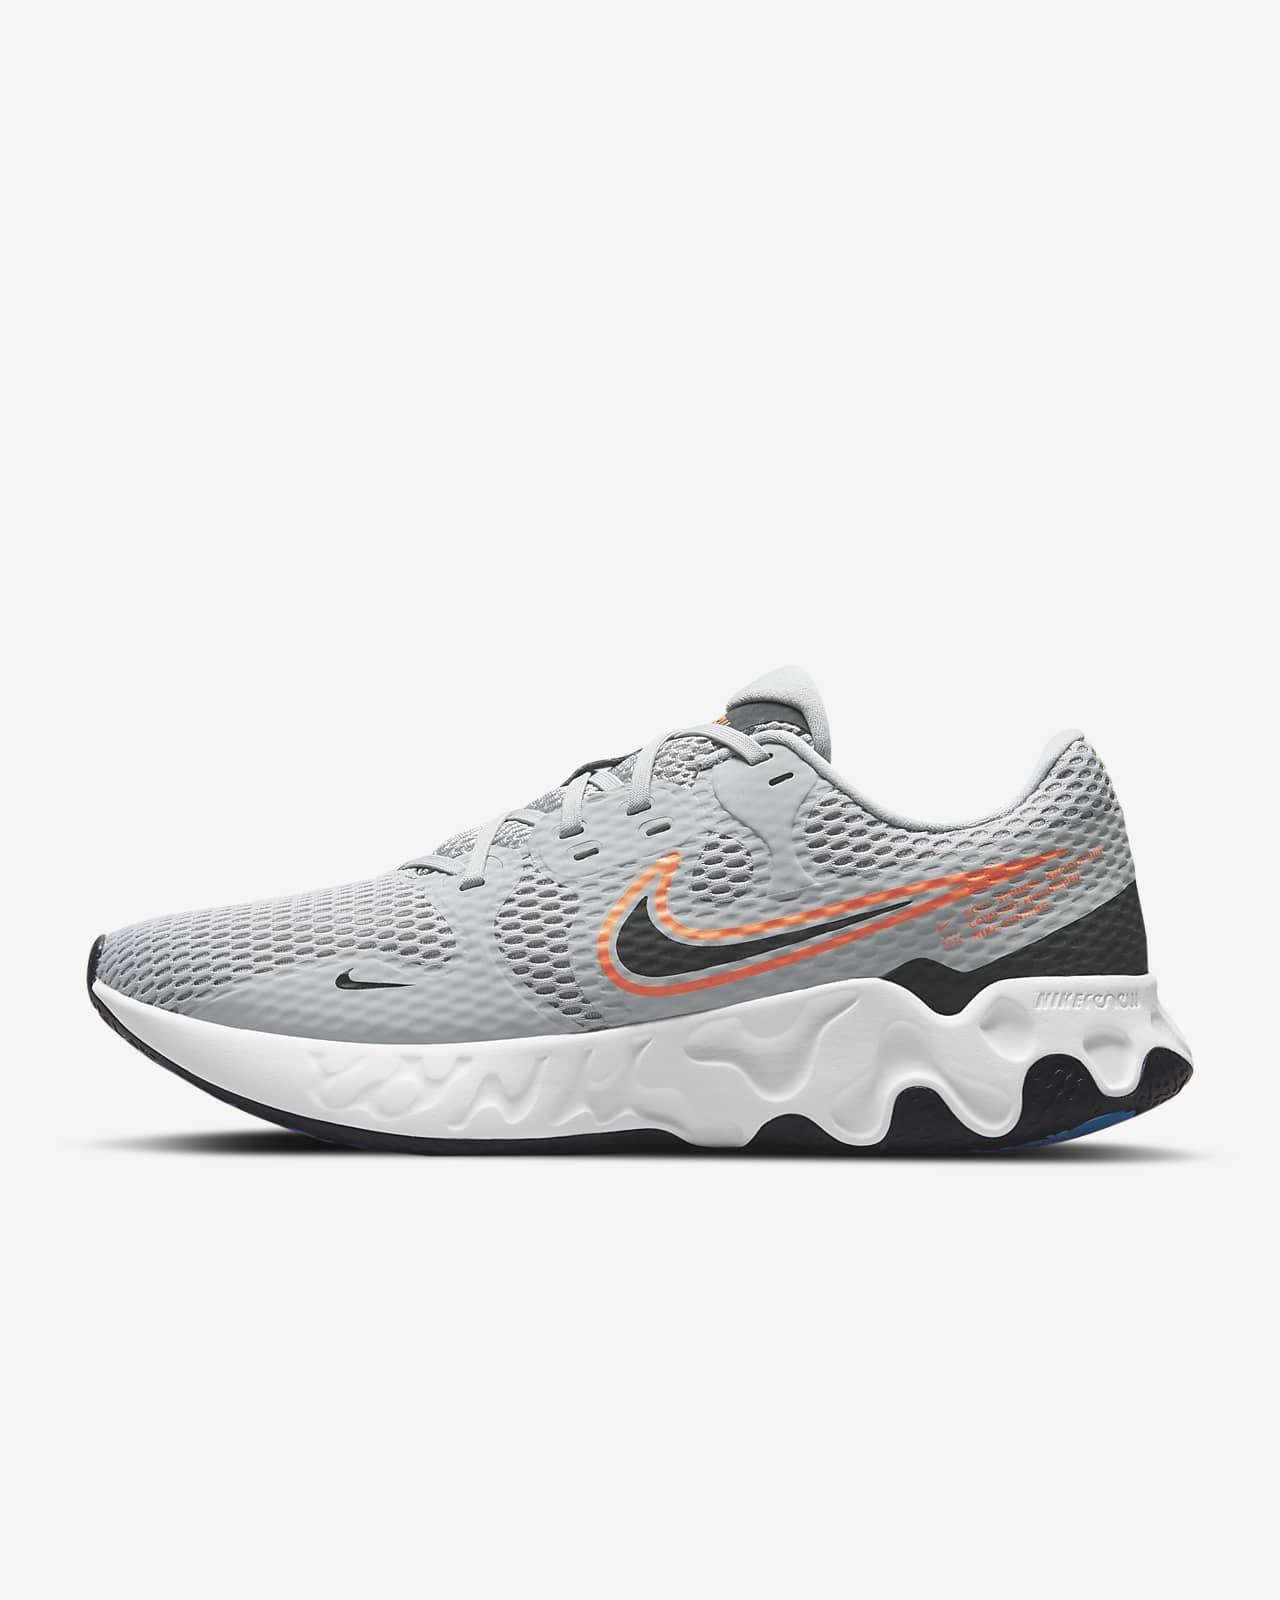 Calzado de running para carretera para hombre Nike Renew Ride 2